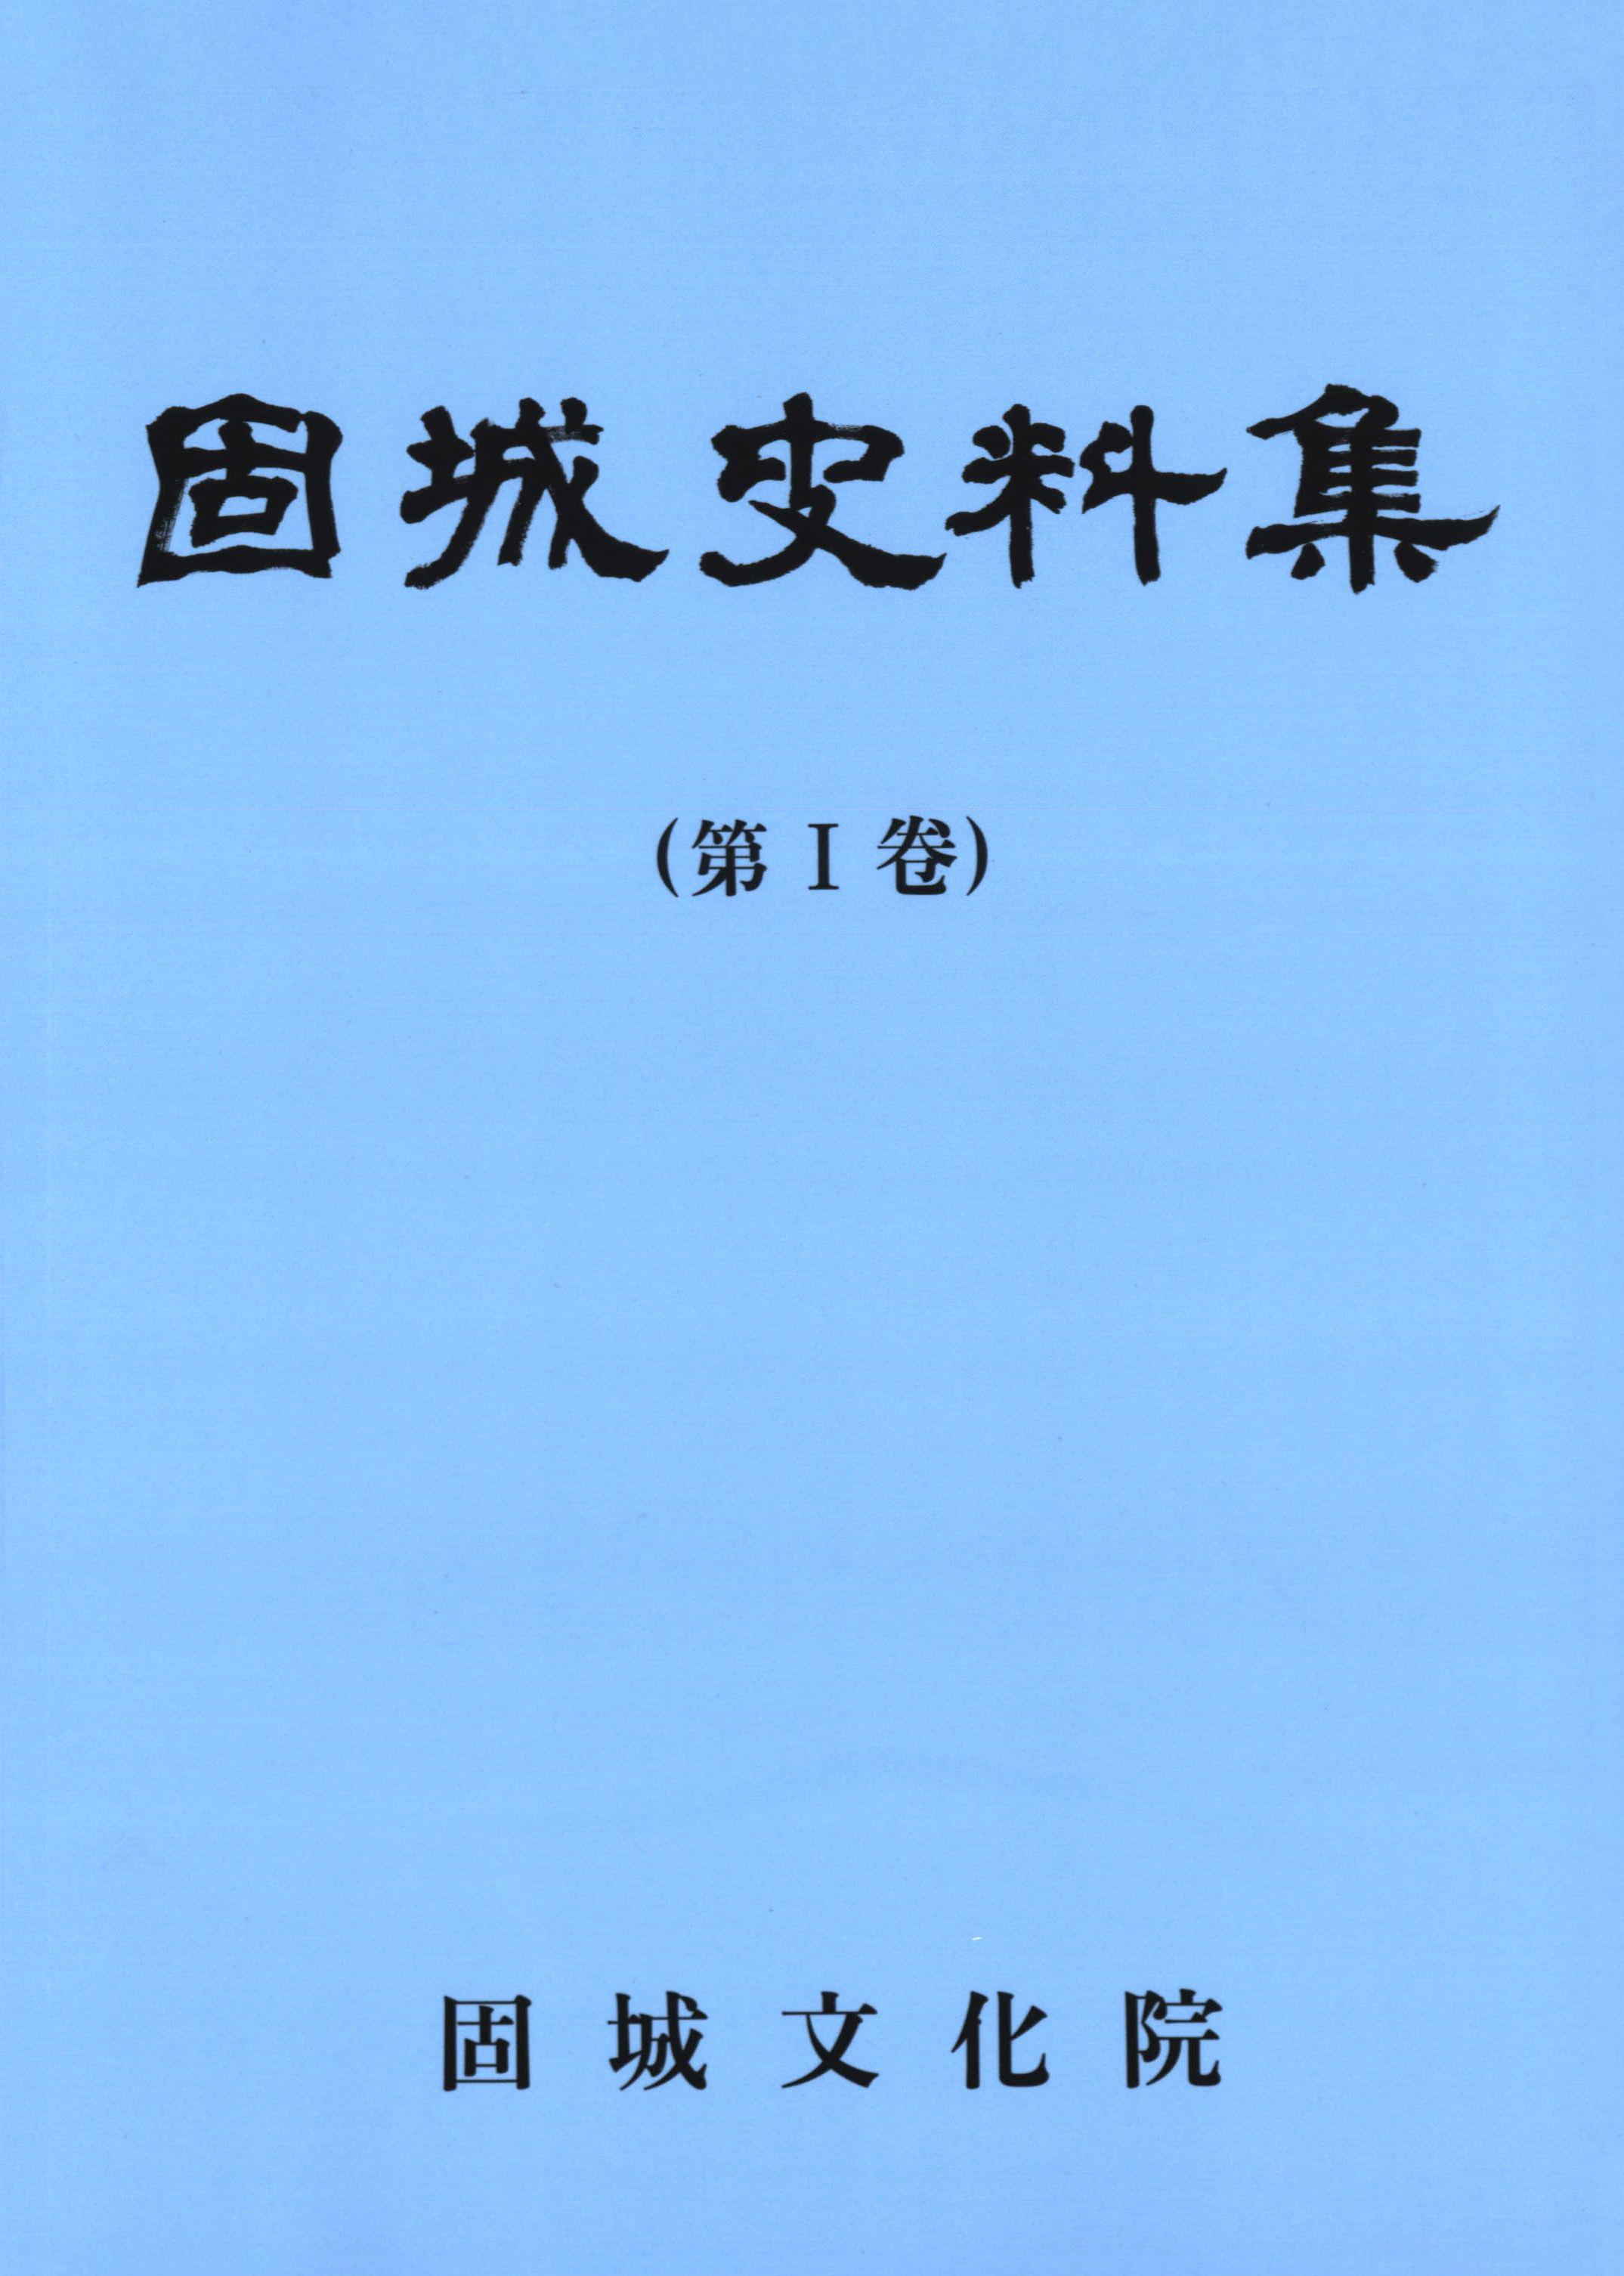 固城史料集 1권(고성사료집 1권)